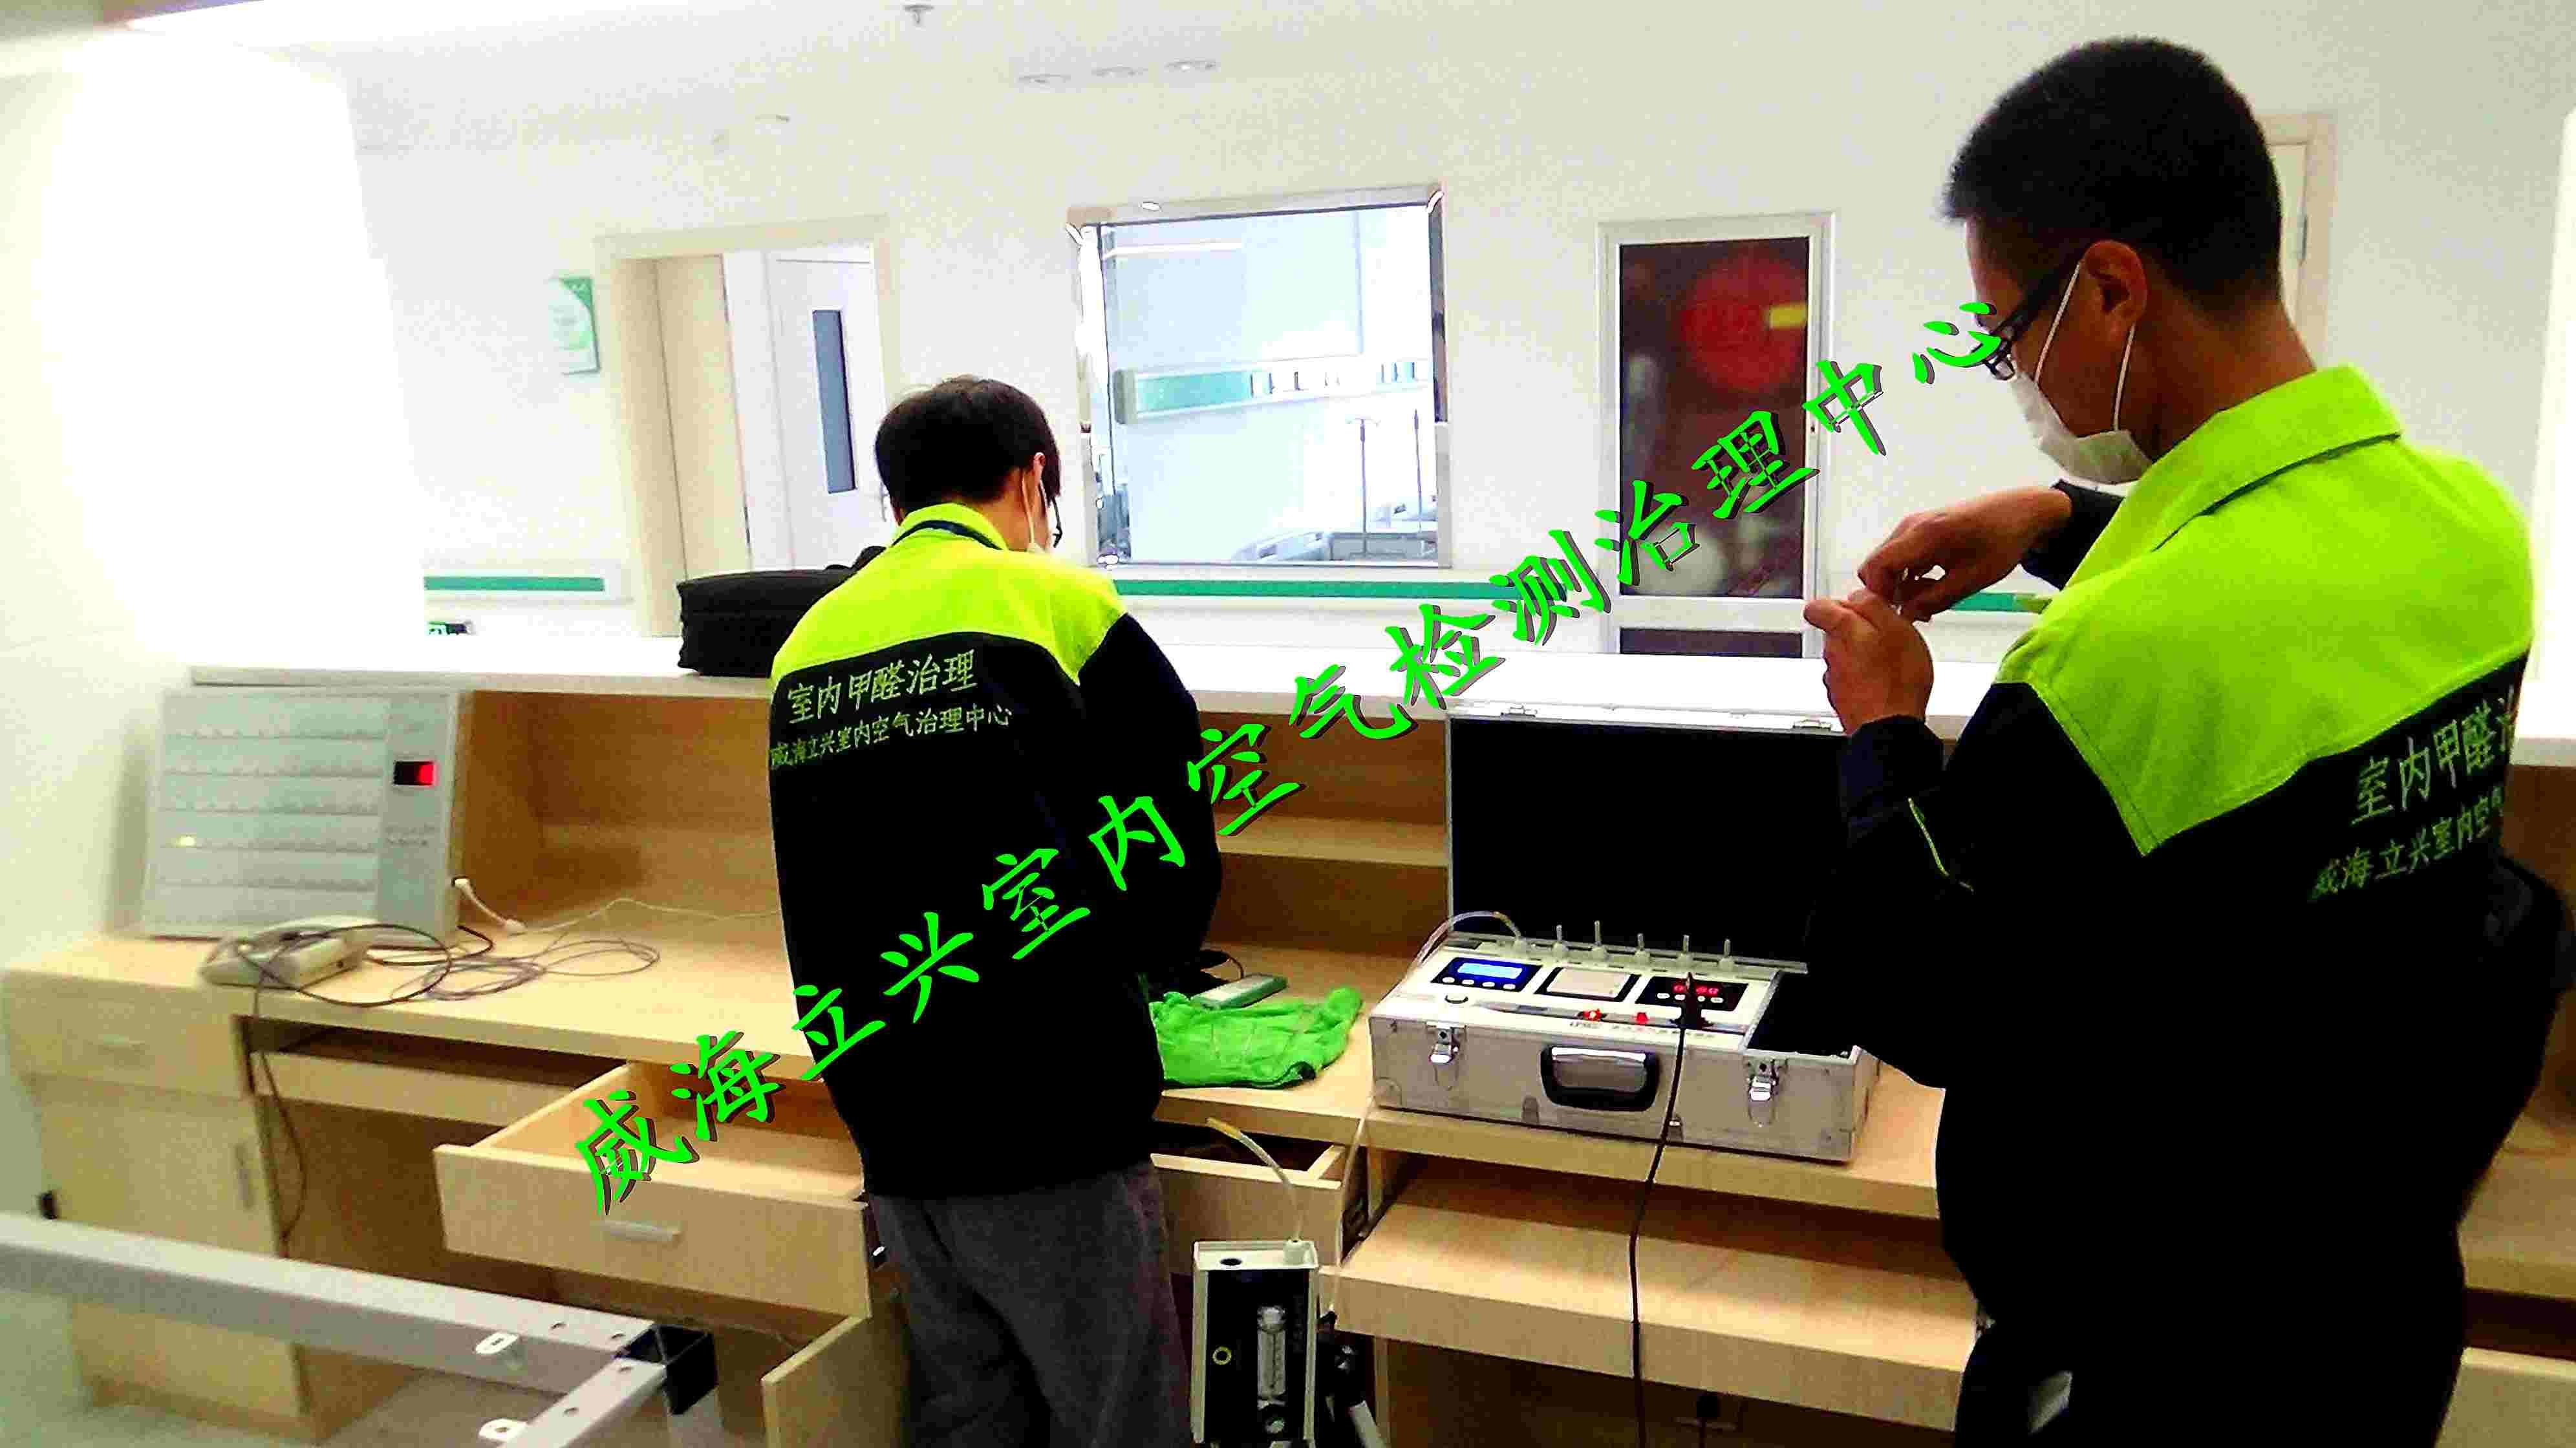 职业威海装修污染检测承诺守信,威海装修污染检测